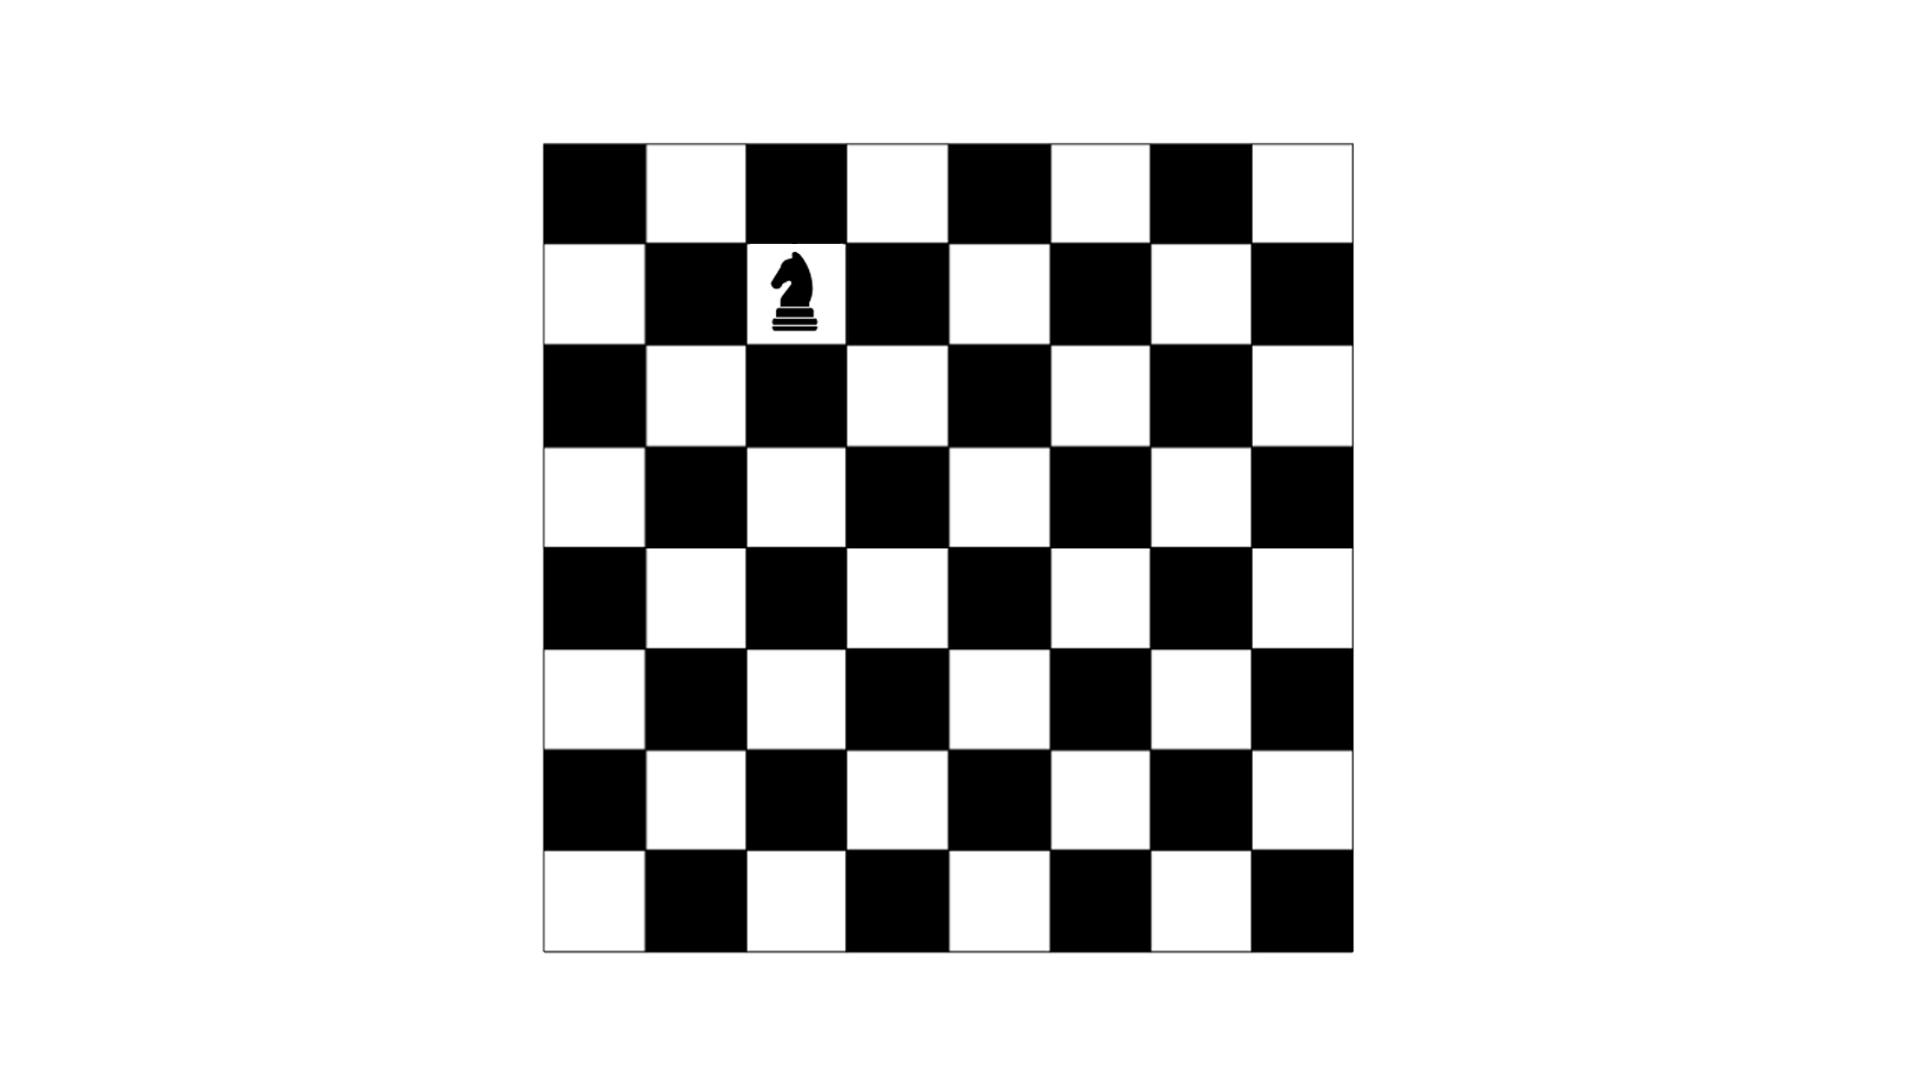 8x8-knight-tour